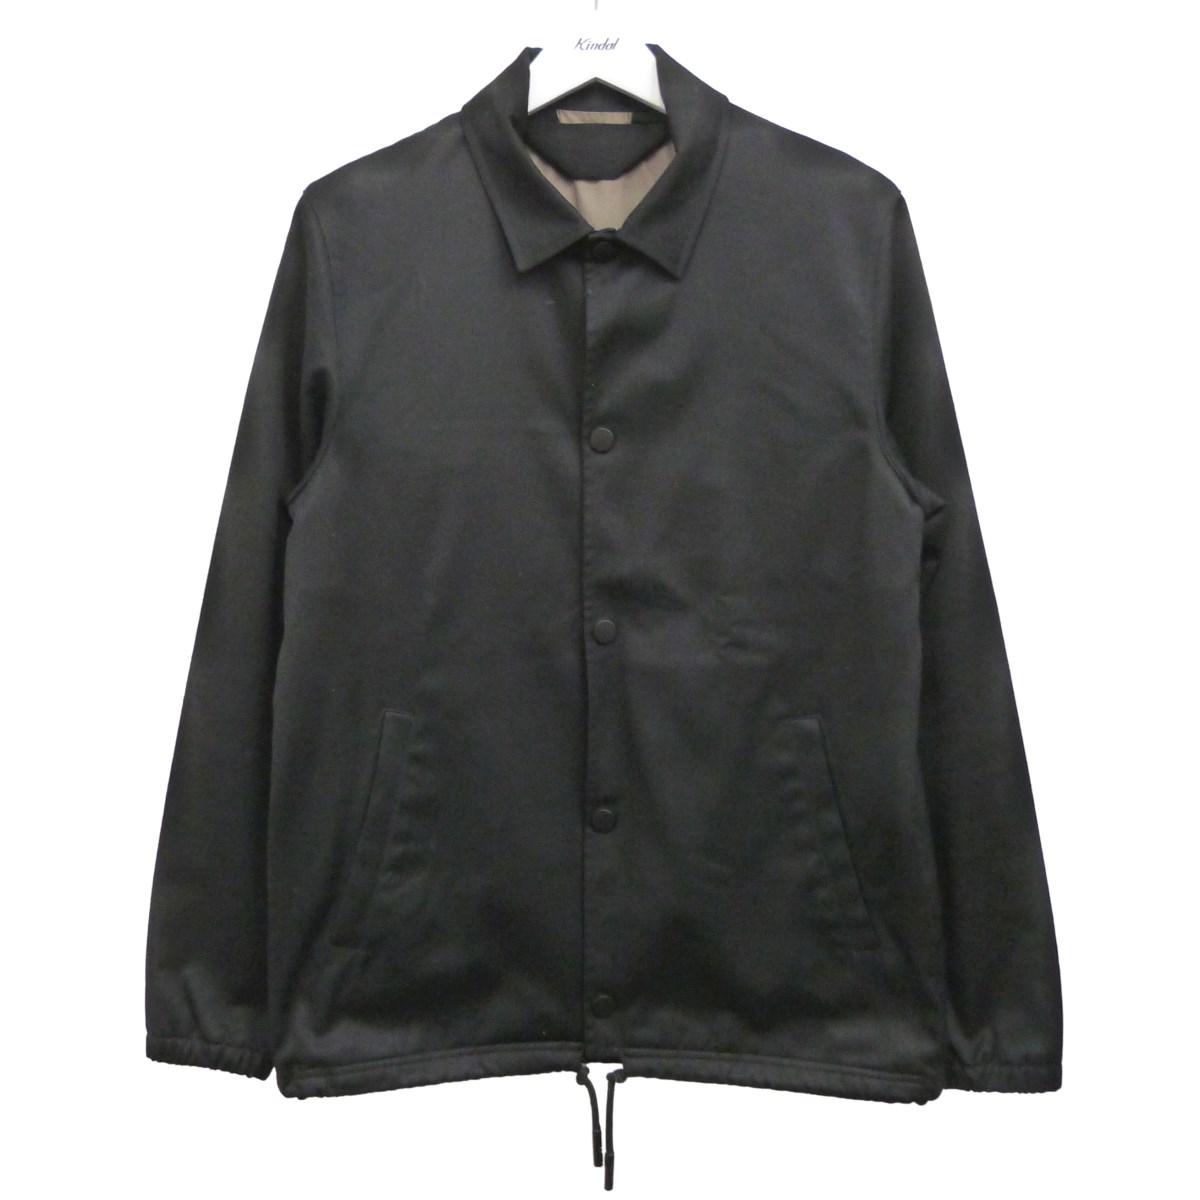 【中古】ACNE STUDIOS 15SS「TONY COTTON」コーチジャケット ブラック サイズ:48 【240620】(アクネストゥディオズ)